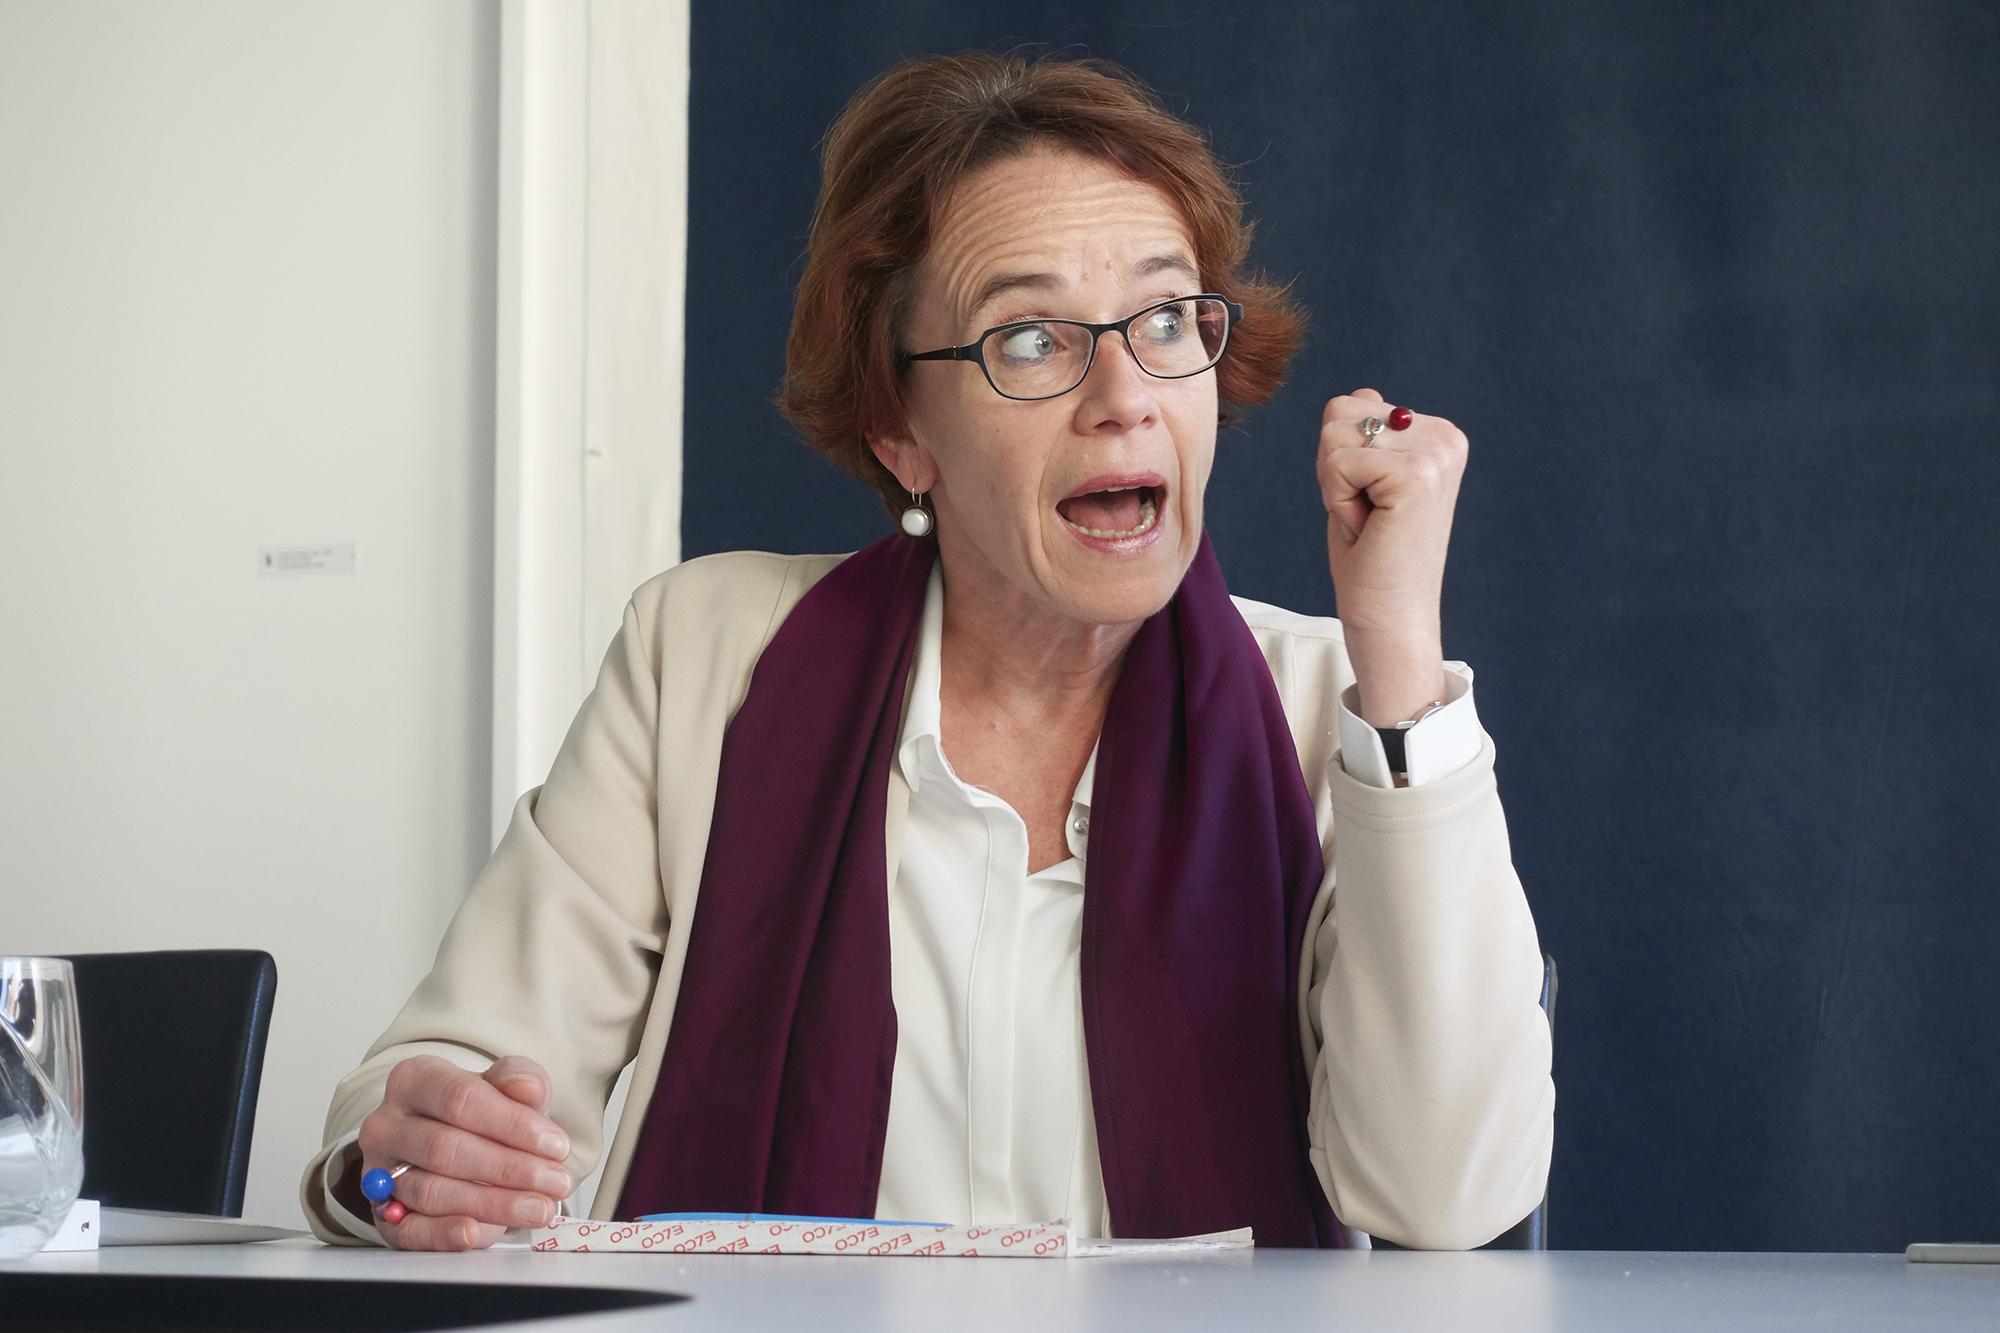 «Herrgott nochmal! Bei den staatlichen Massnahmen für Behinderte wird kein einziger Rappen gespart!» Eva Herzog zum Politikum Fachstelle für Behinderten-Gleichstellung